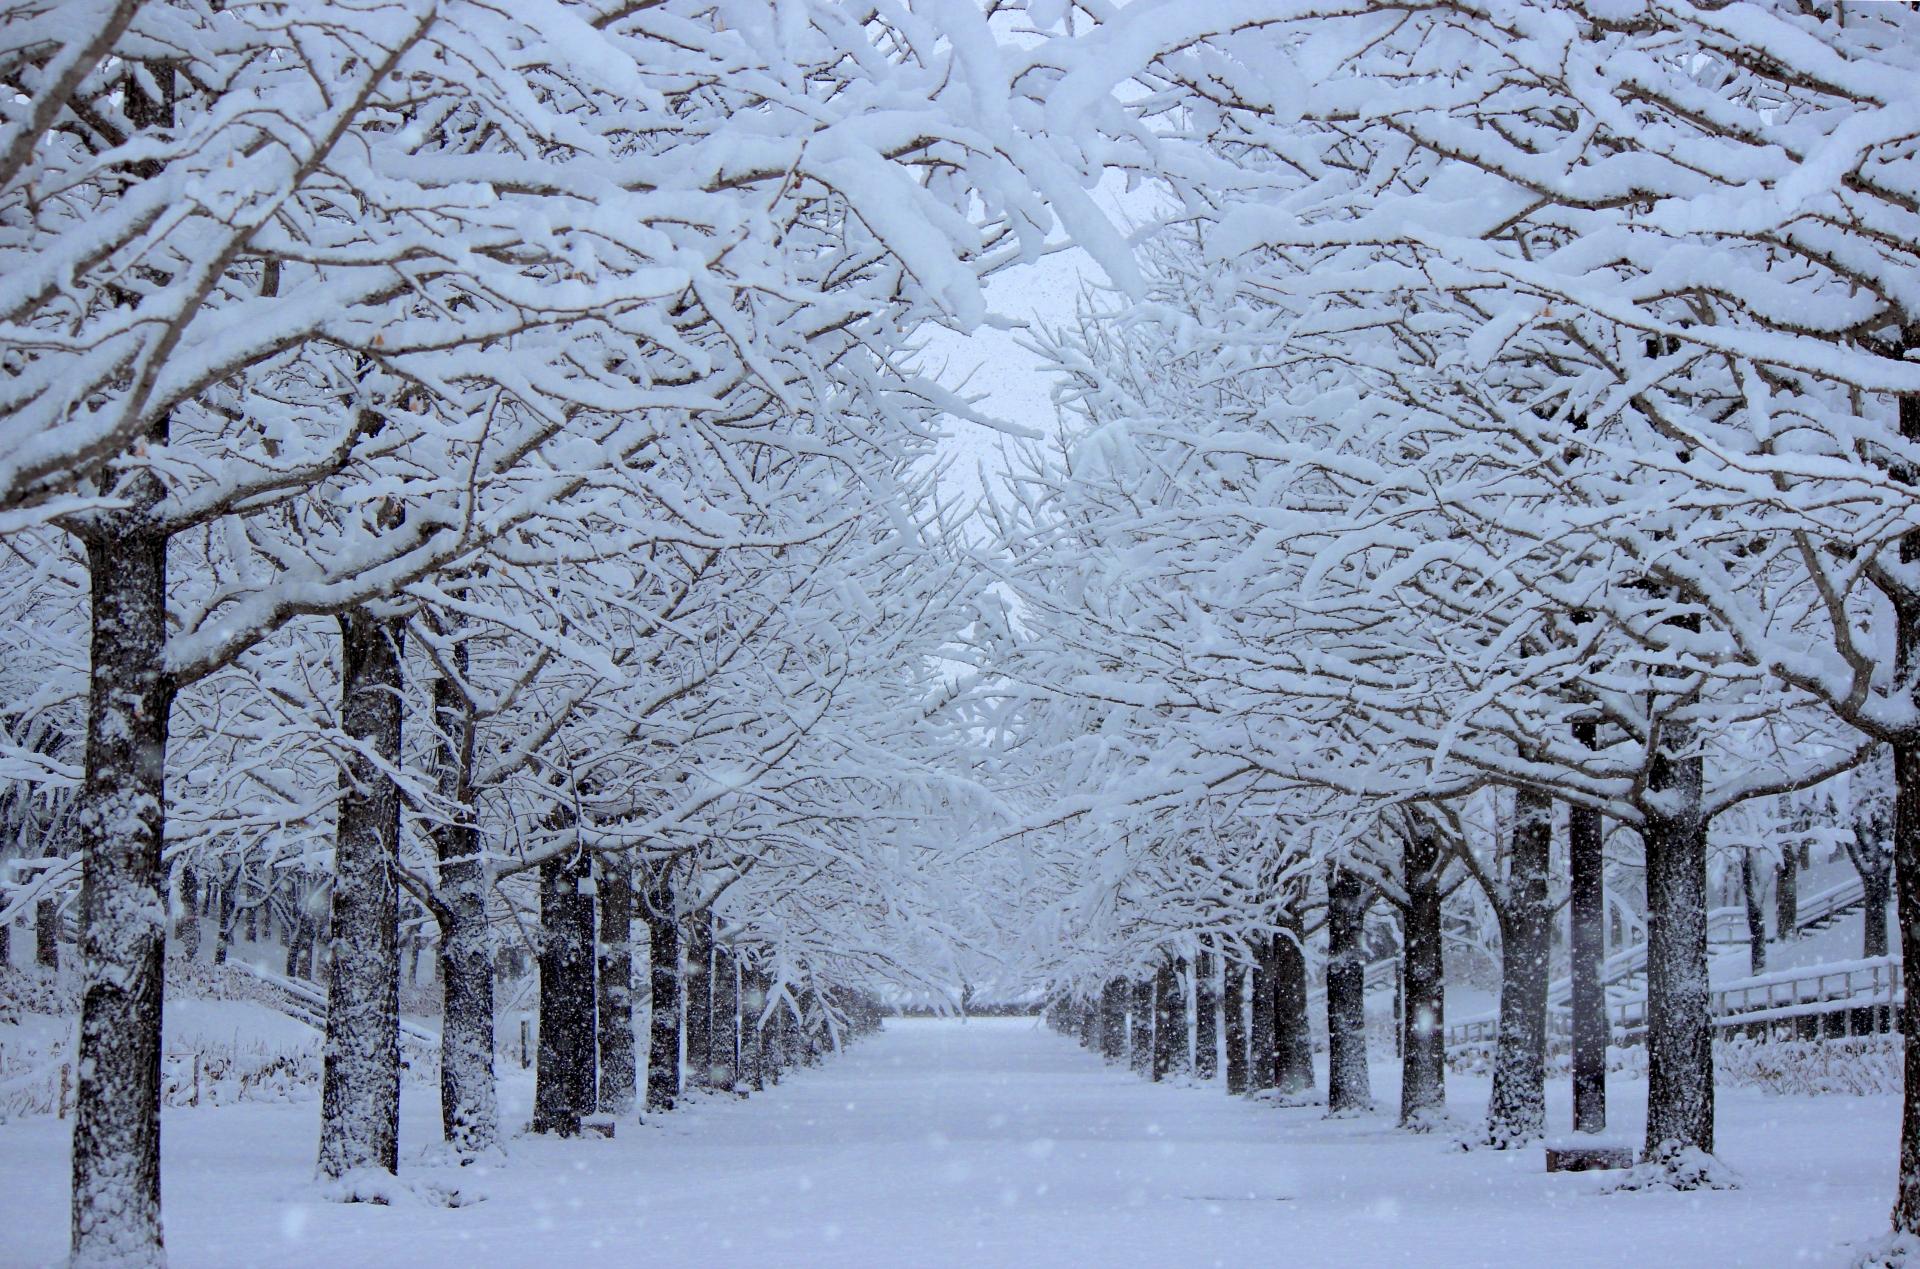 冬季うつ,ウインターブルー、季節性感情障害   実は身近なうつ病